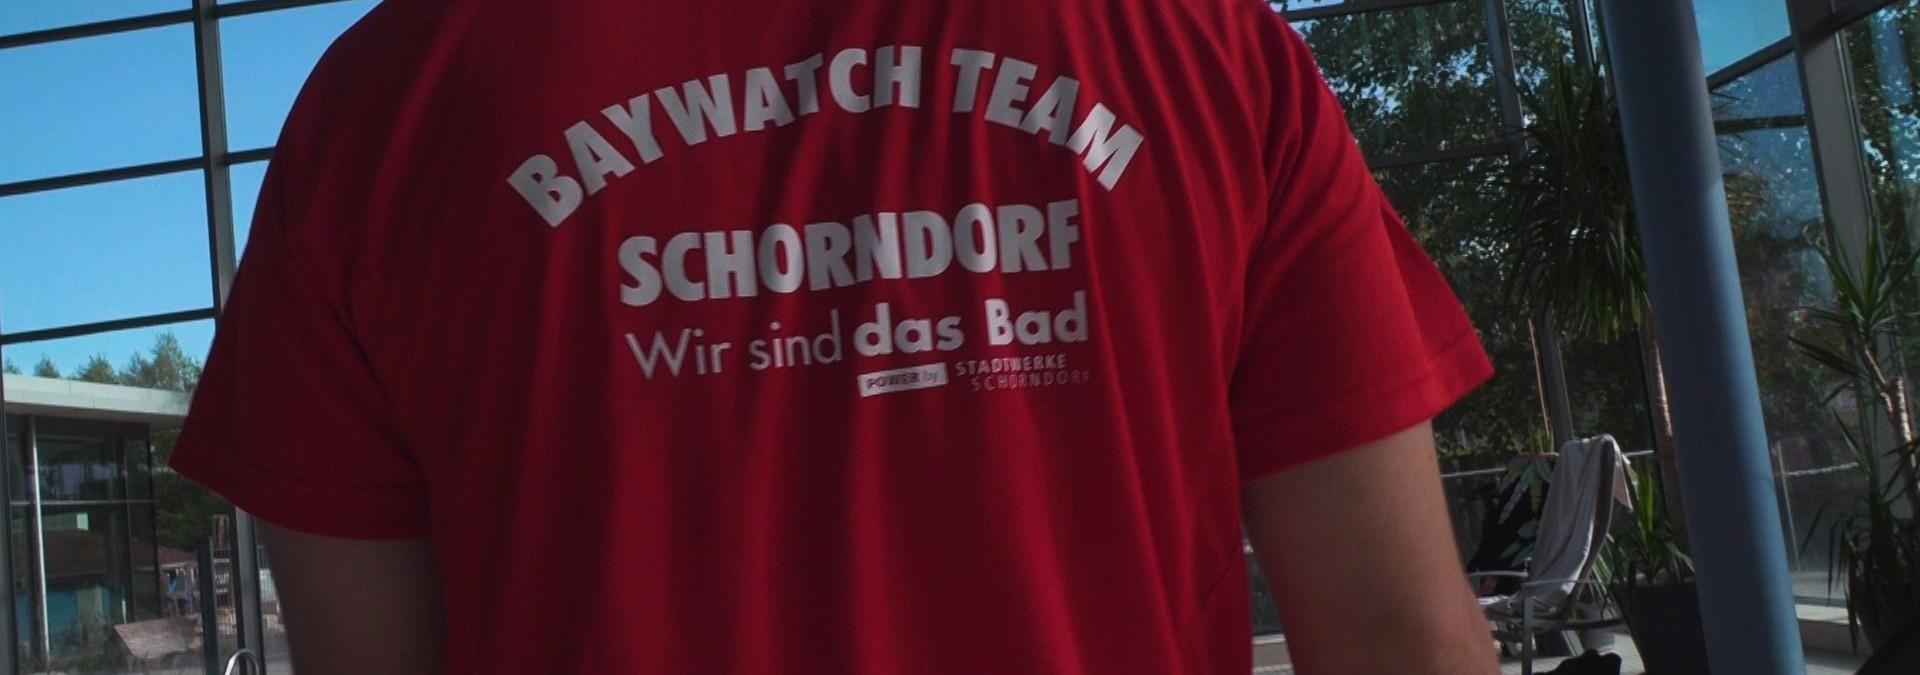 Baywatch in Schorndorf